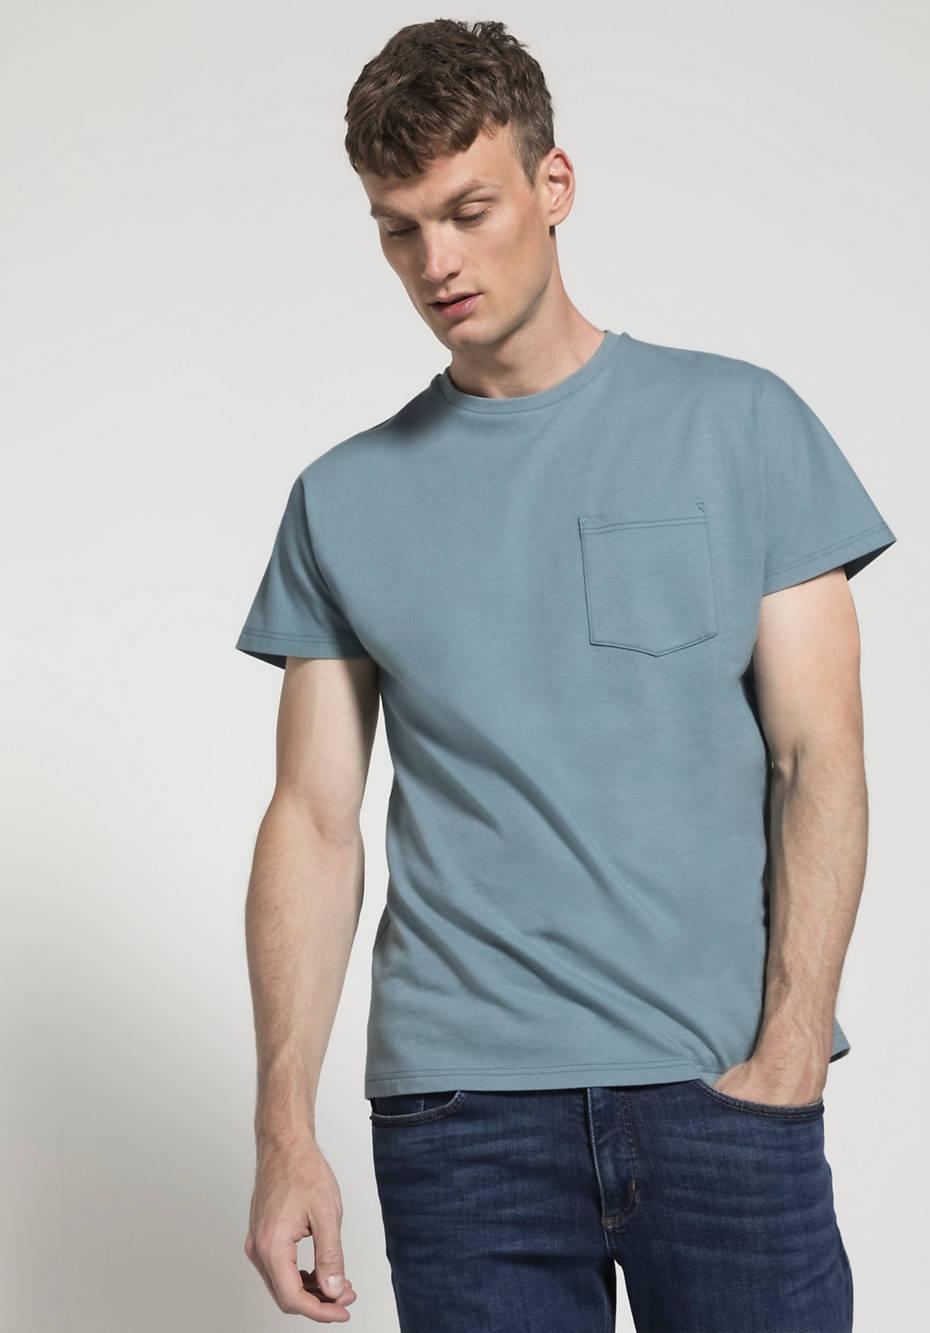 Herren Shirt Modern Fit aus Bio-Baumwolle mit Bio-Merinowolle